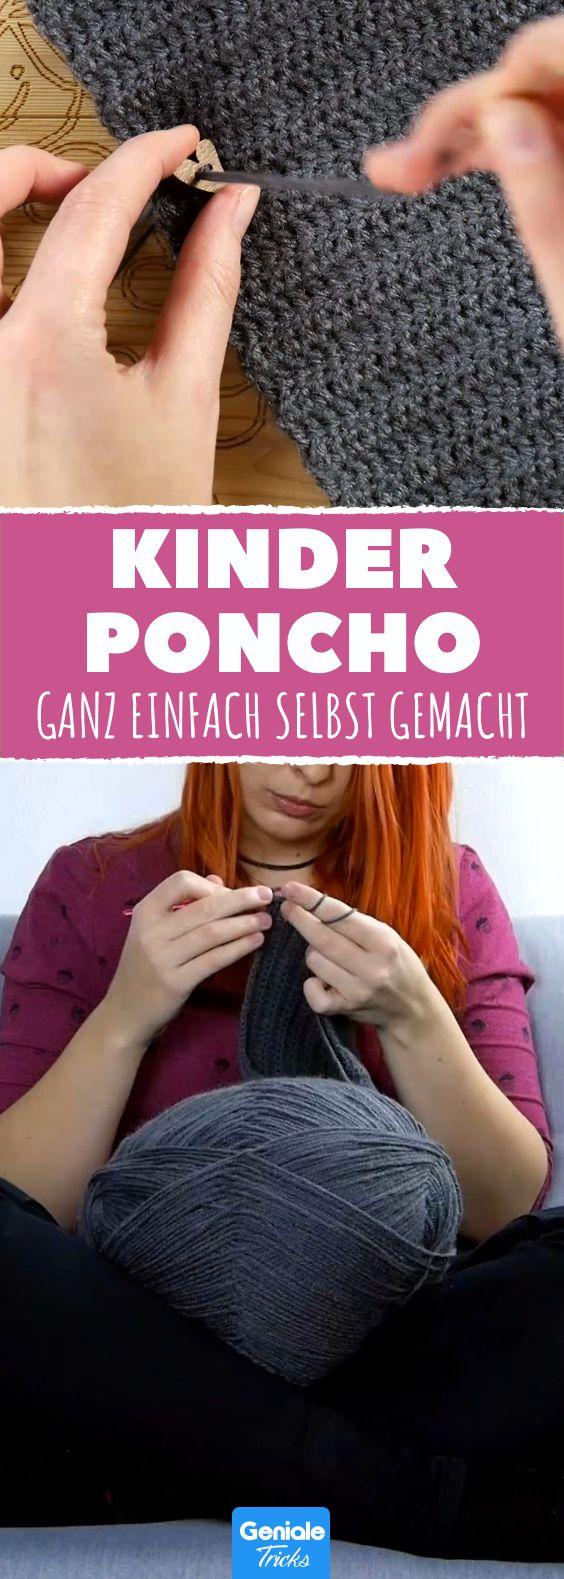 Ein wunderschöner Poncho für Kinder - einfach selbermachen! #diy #selbermachen #häkeln #wolle # kinder #kleider #oberteil #warm #strickenundhäkeln